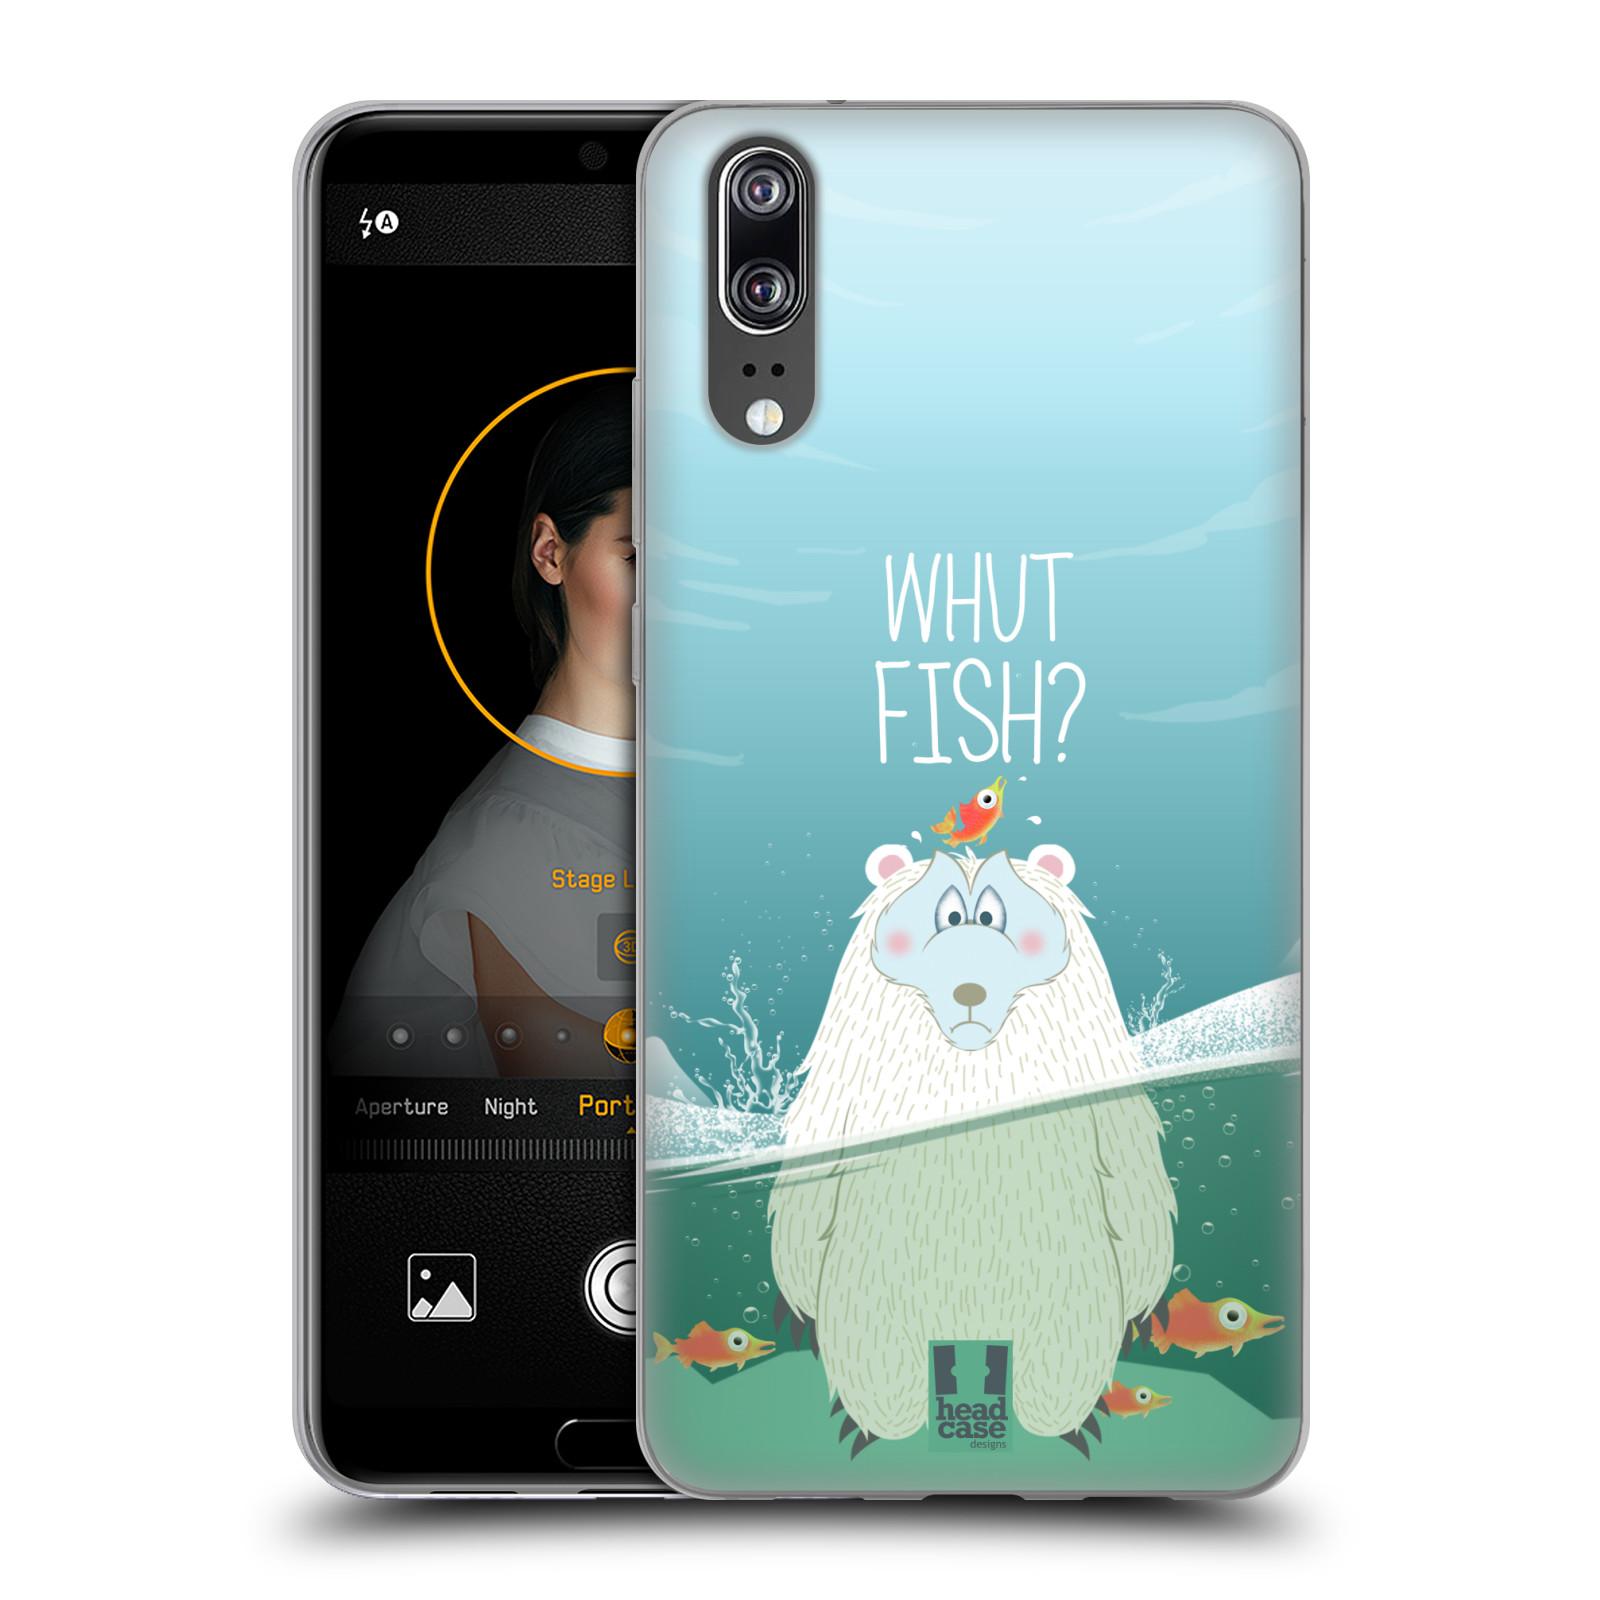 Silikonové pouzdro na mobil Huawei P20 - Head Case - Medvěd Whut Fish?